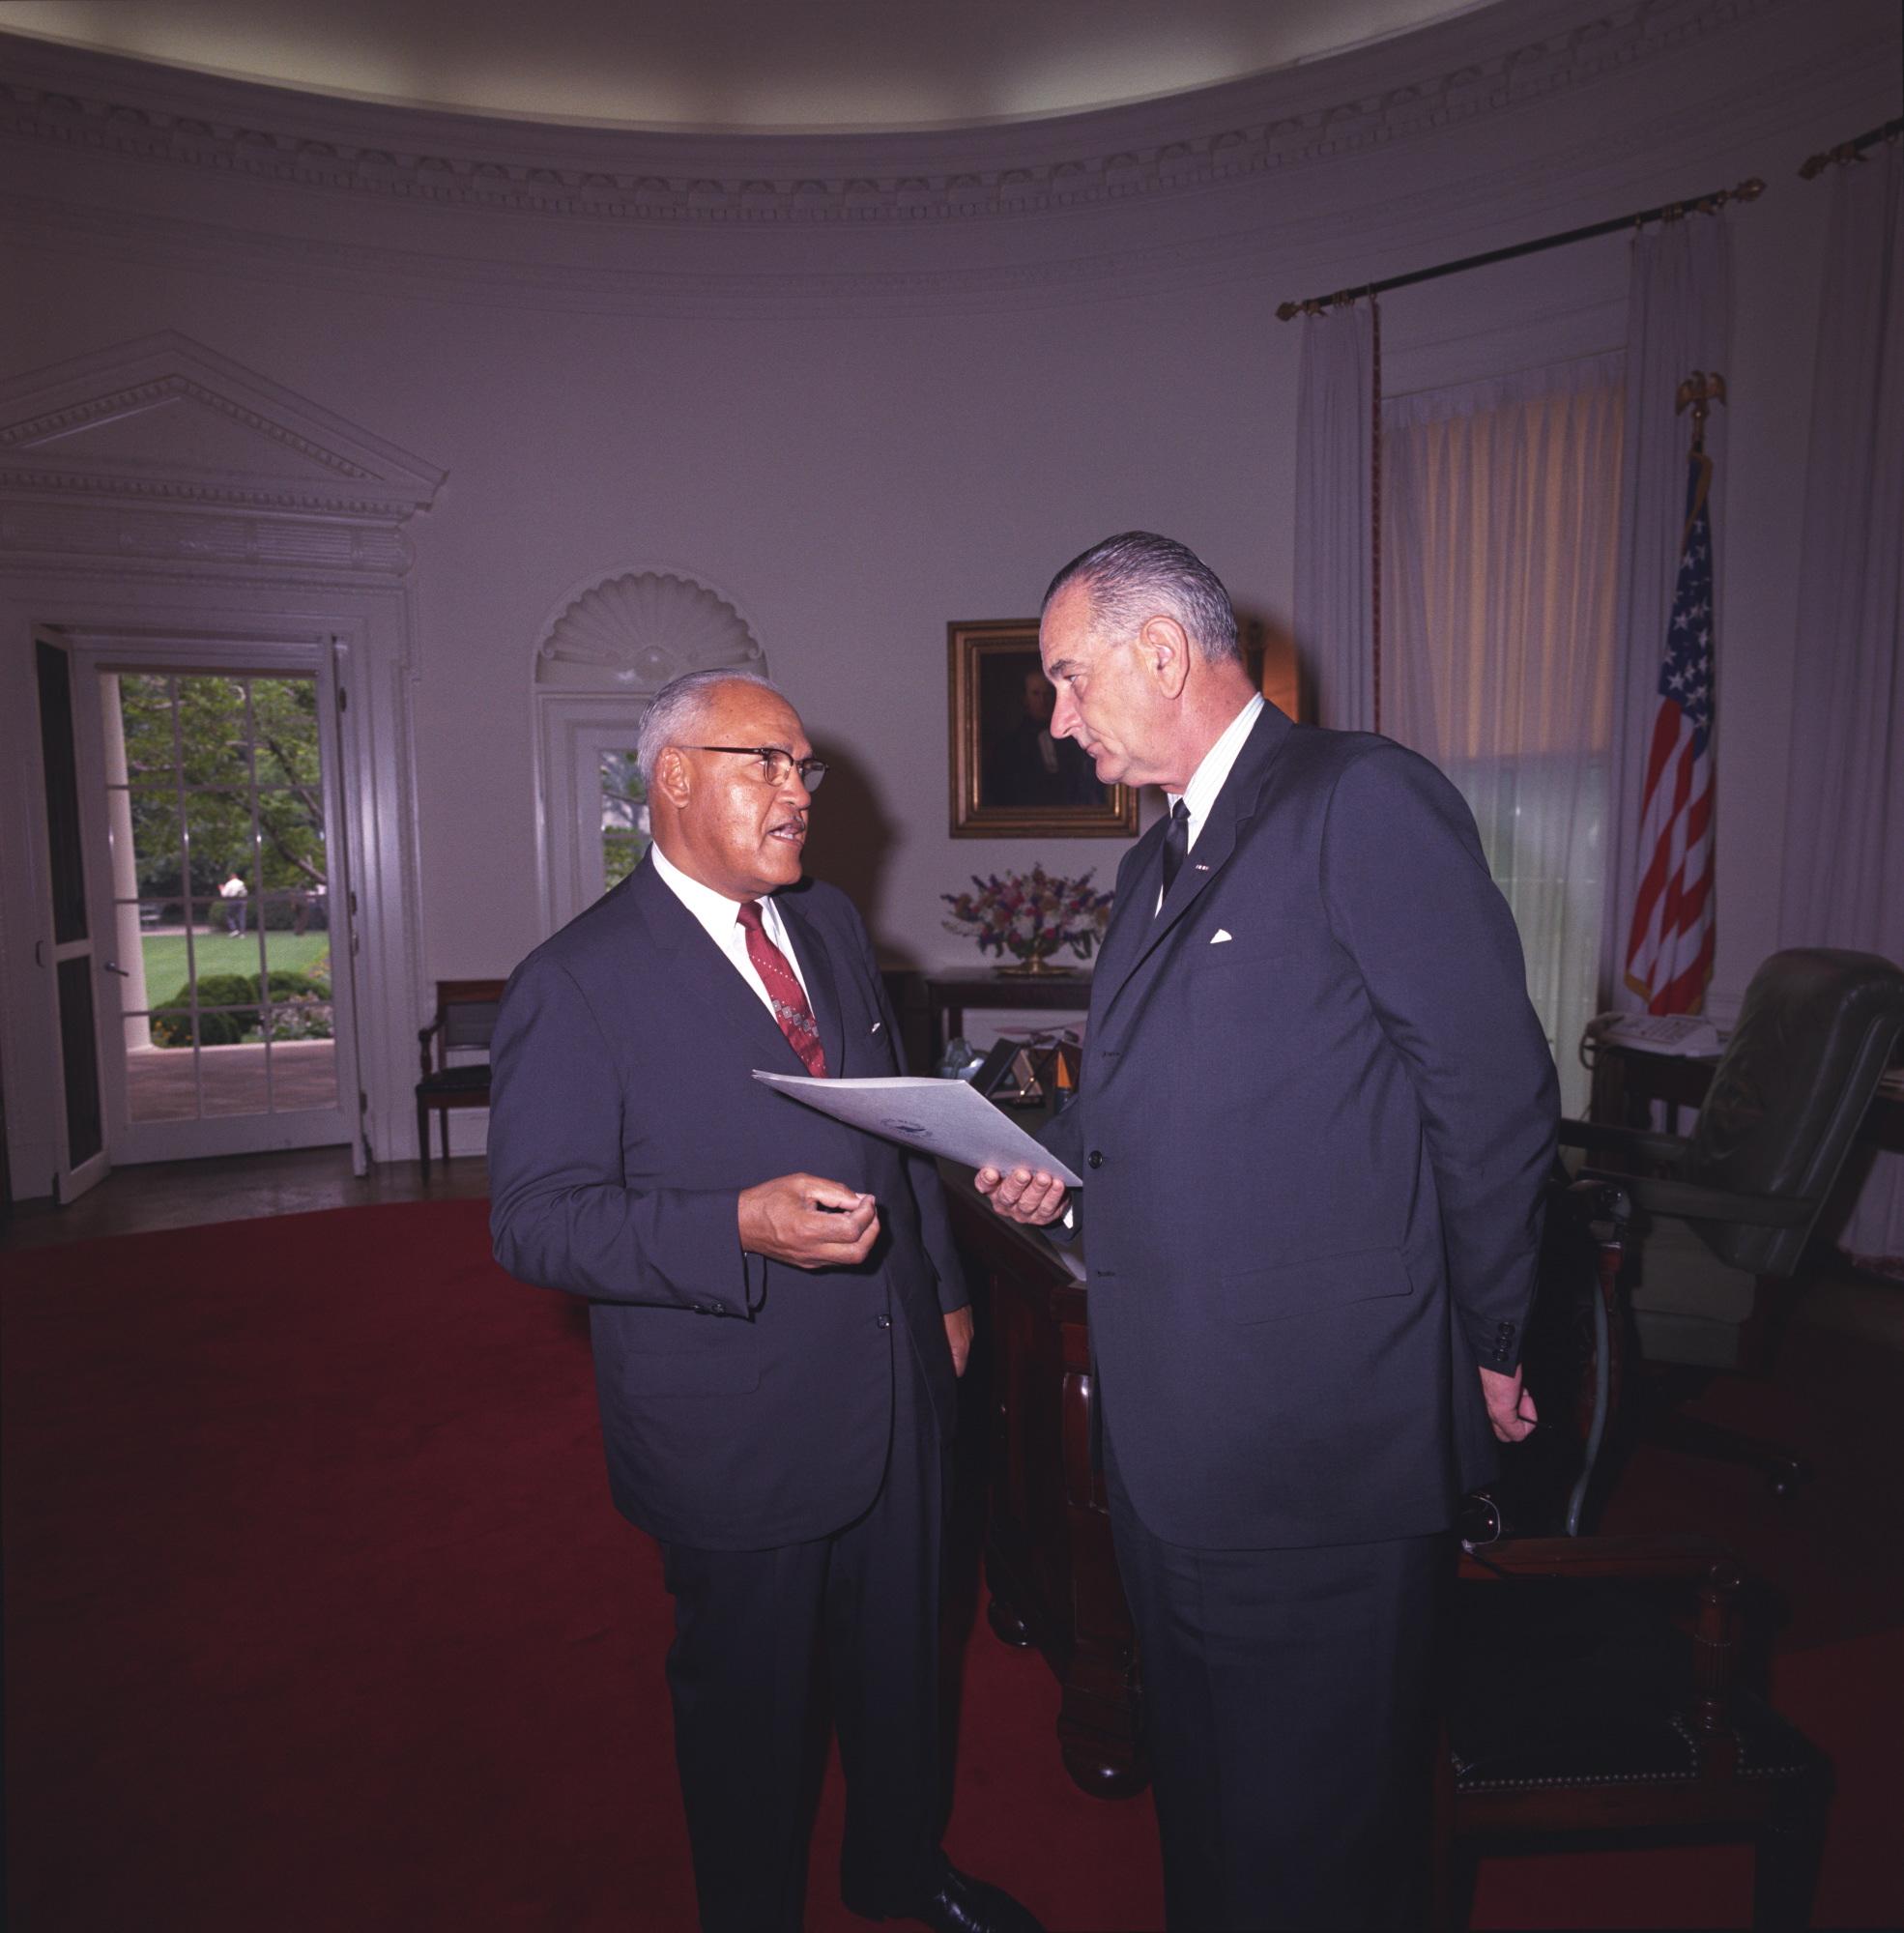 Frederick D. Patterson, Lyndon Johnson